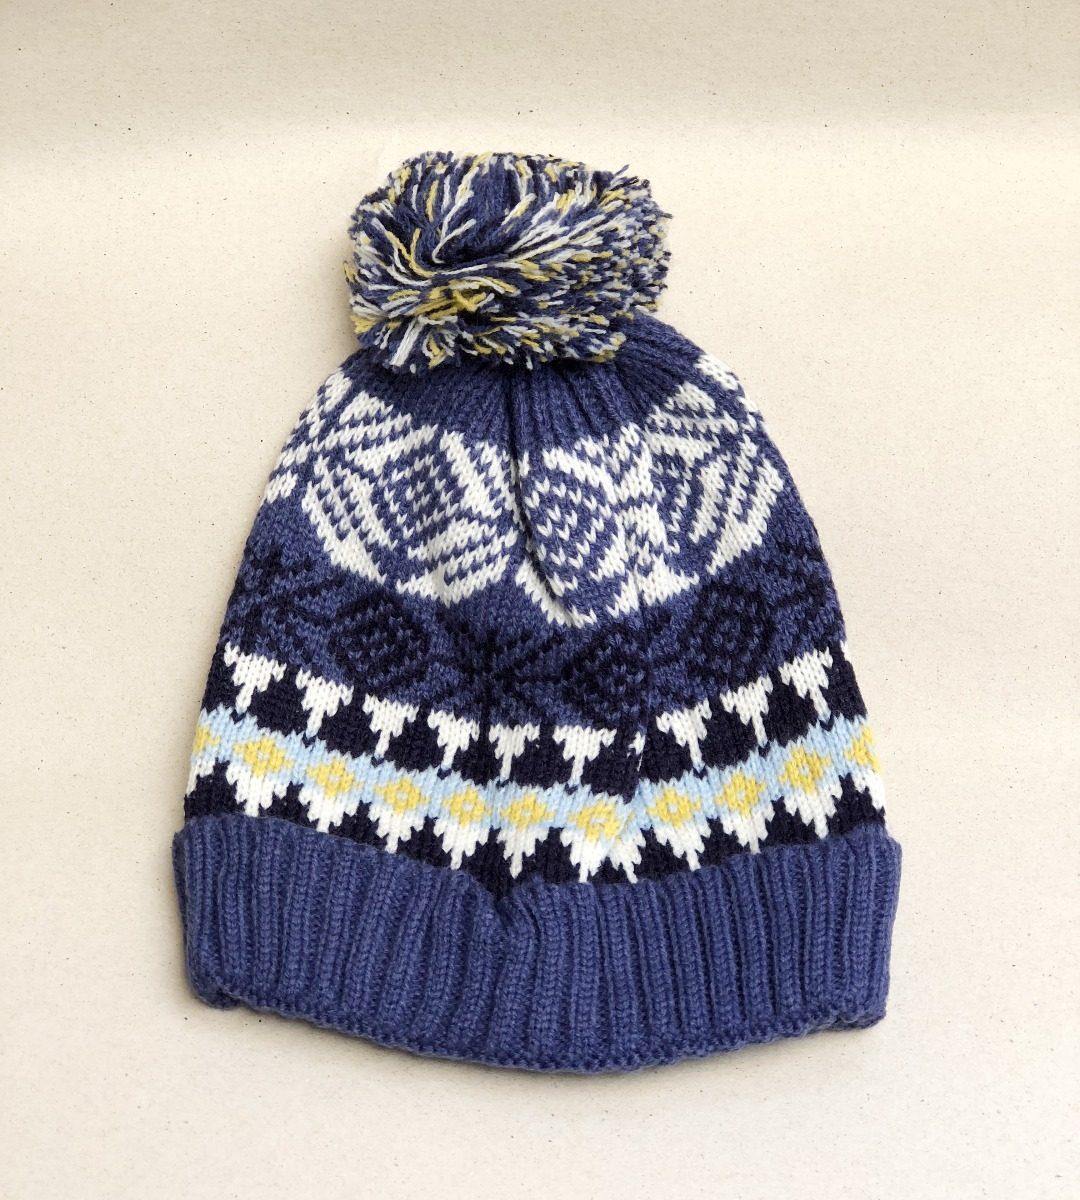 c4c68decf1ad9 touca gorro de trico infantil menino azul pompom inverno. Carregando zoom.